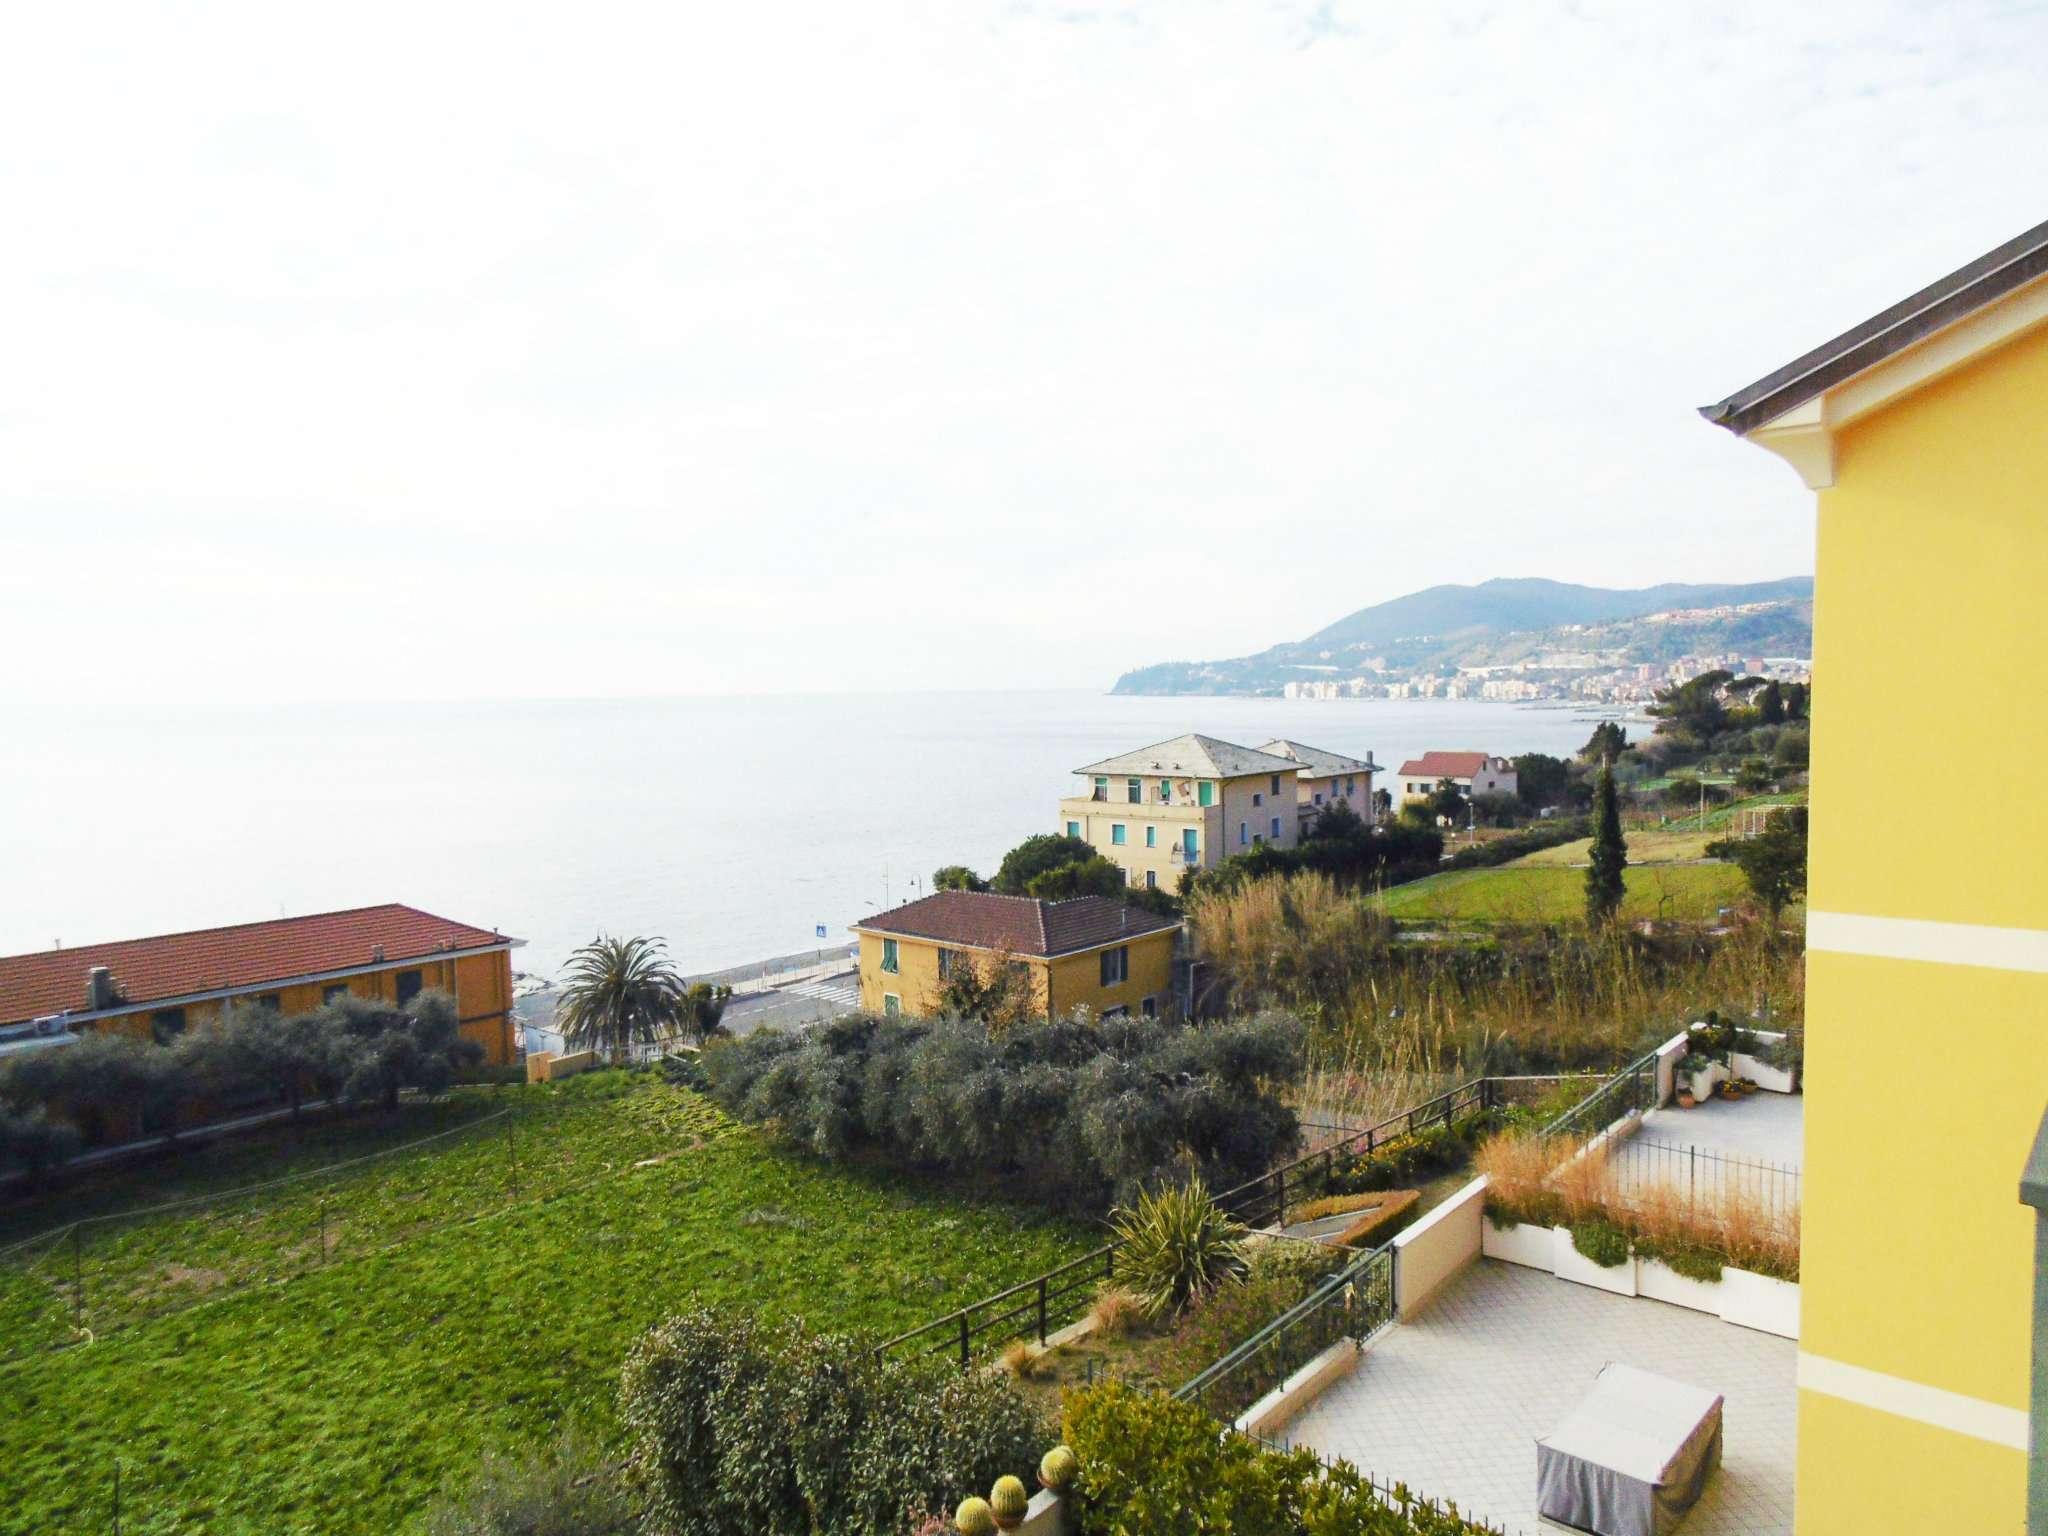 Attico / Mansarda in vendita a Cogoleto, 4 locali, prezzo € 470.000 | Cambio Casa.it